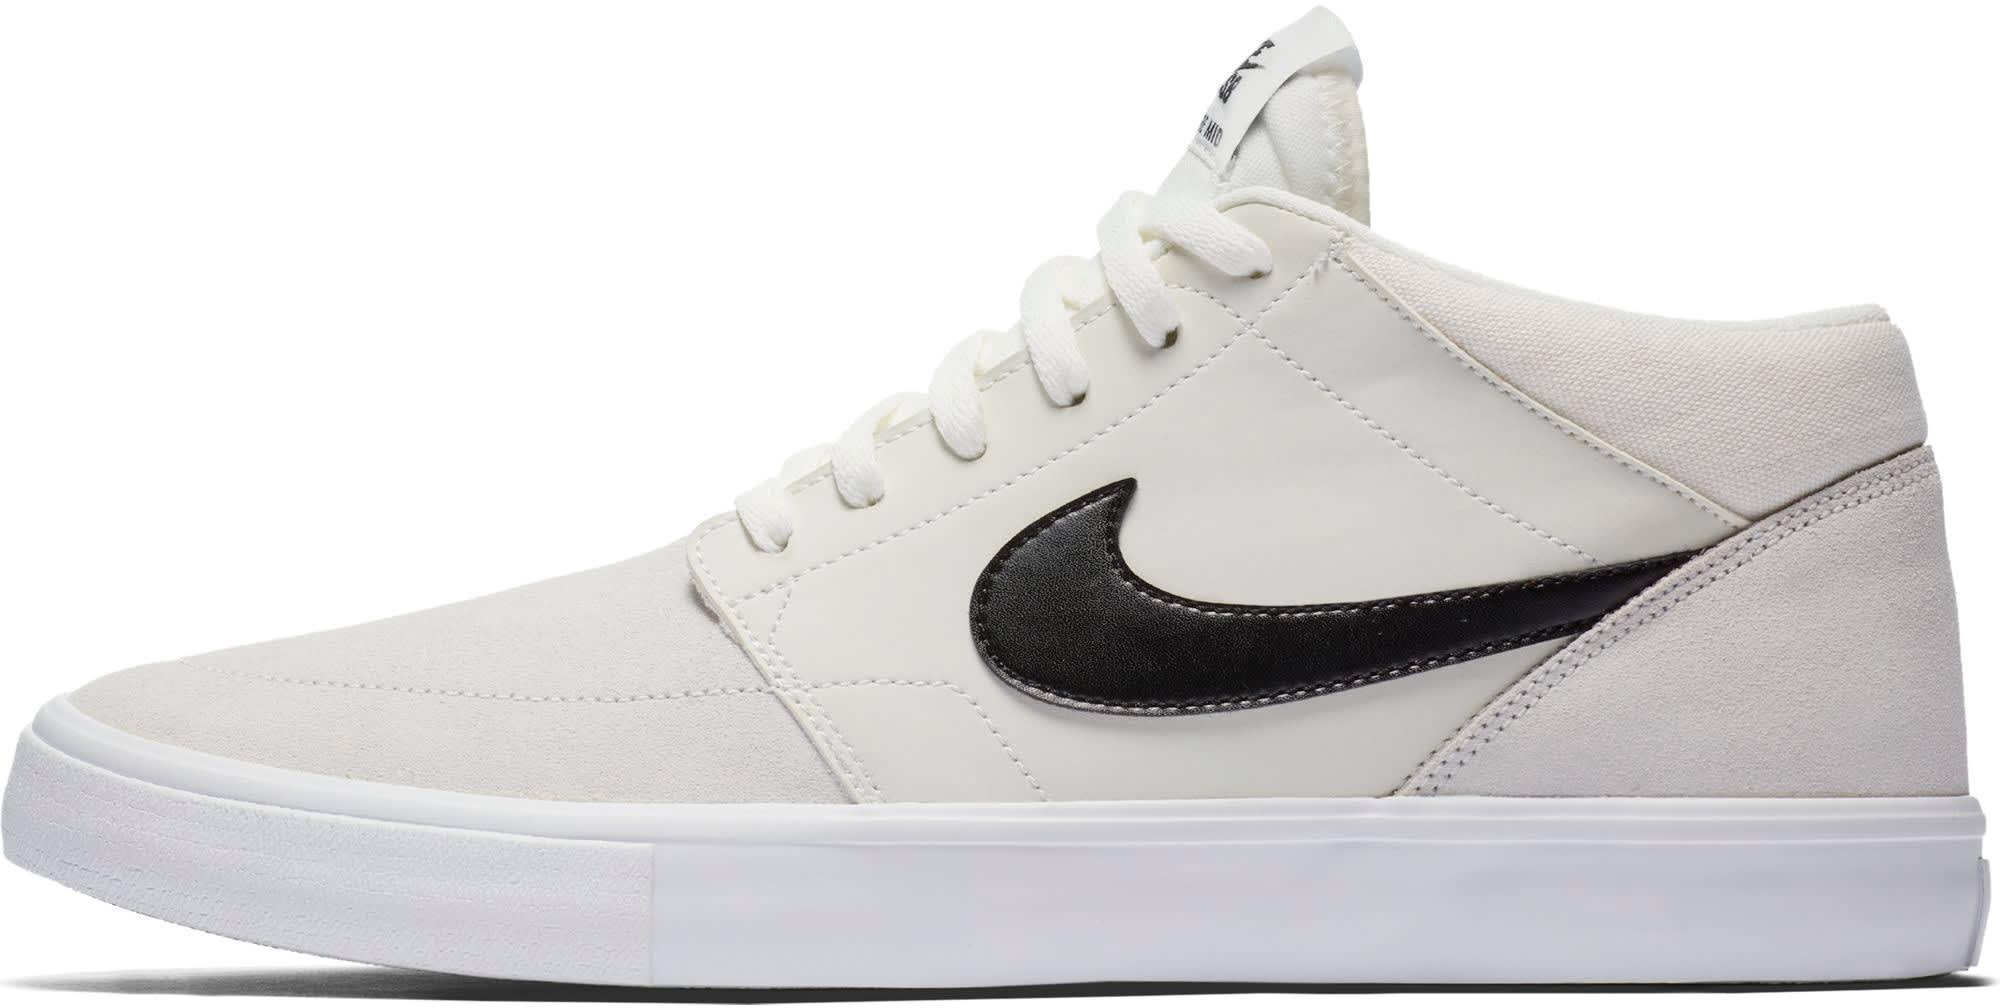 f91f737b20db Nike SB Portmore II Solarsoft Mid Skate Shoes - thumbnail 2